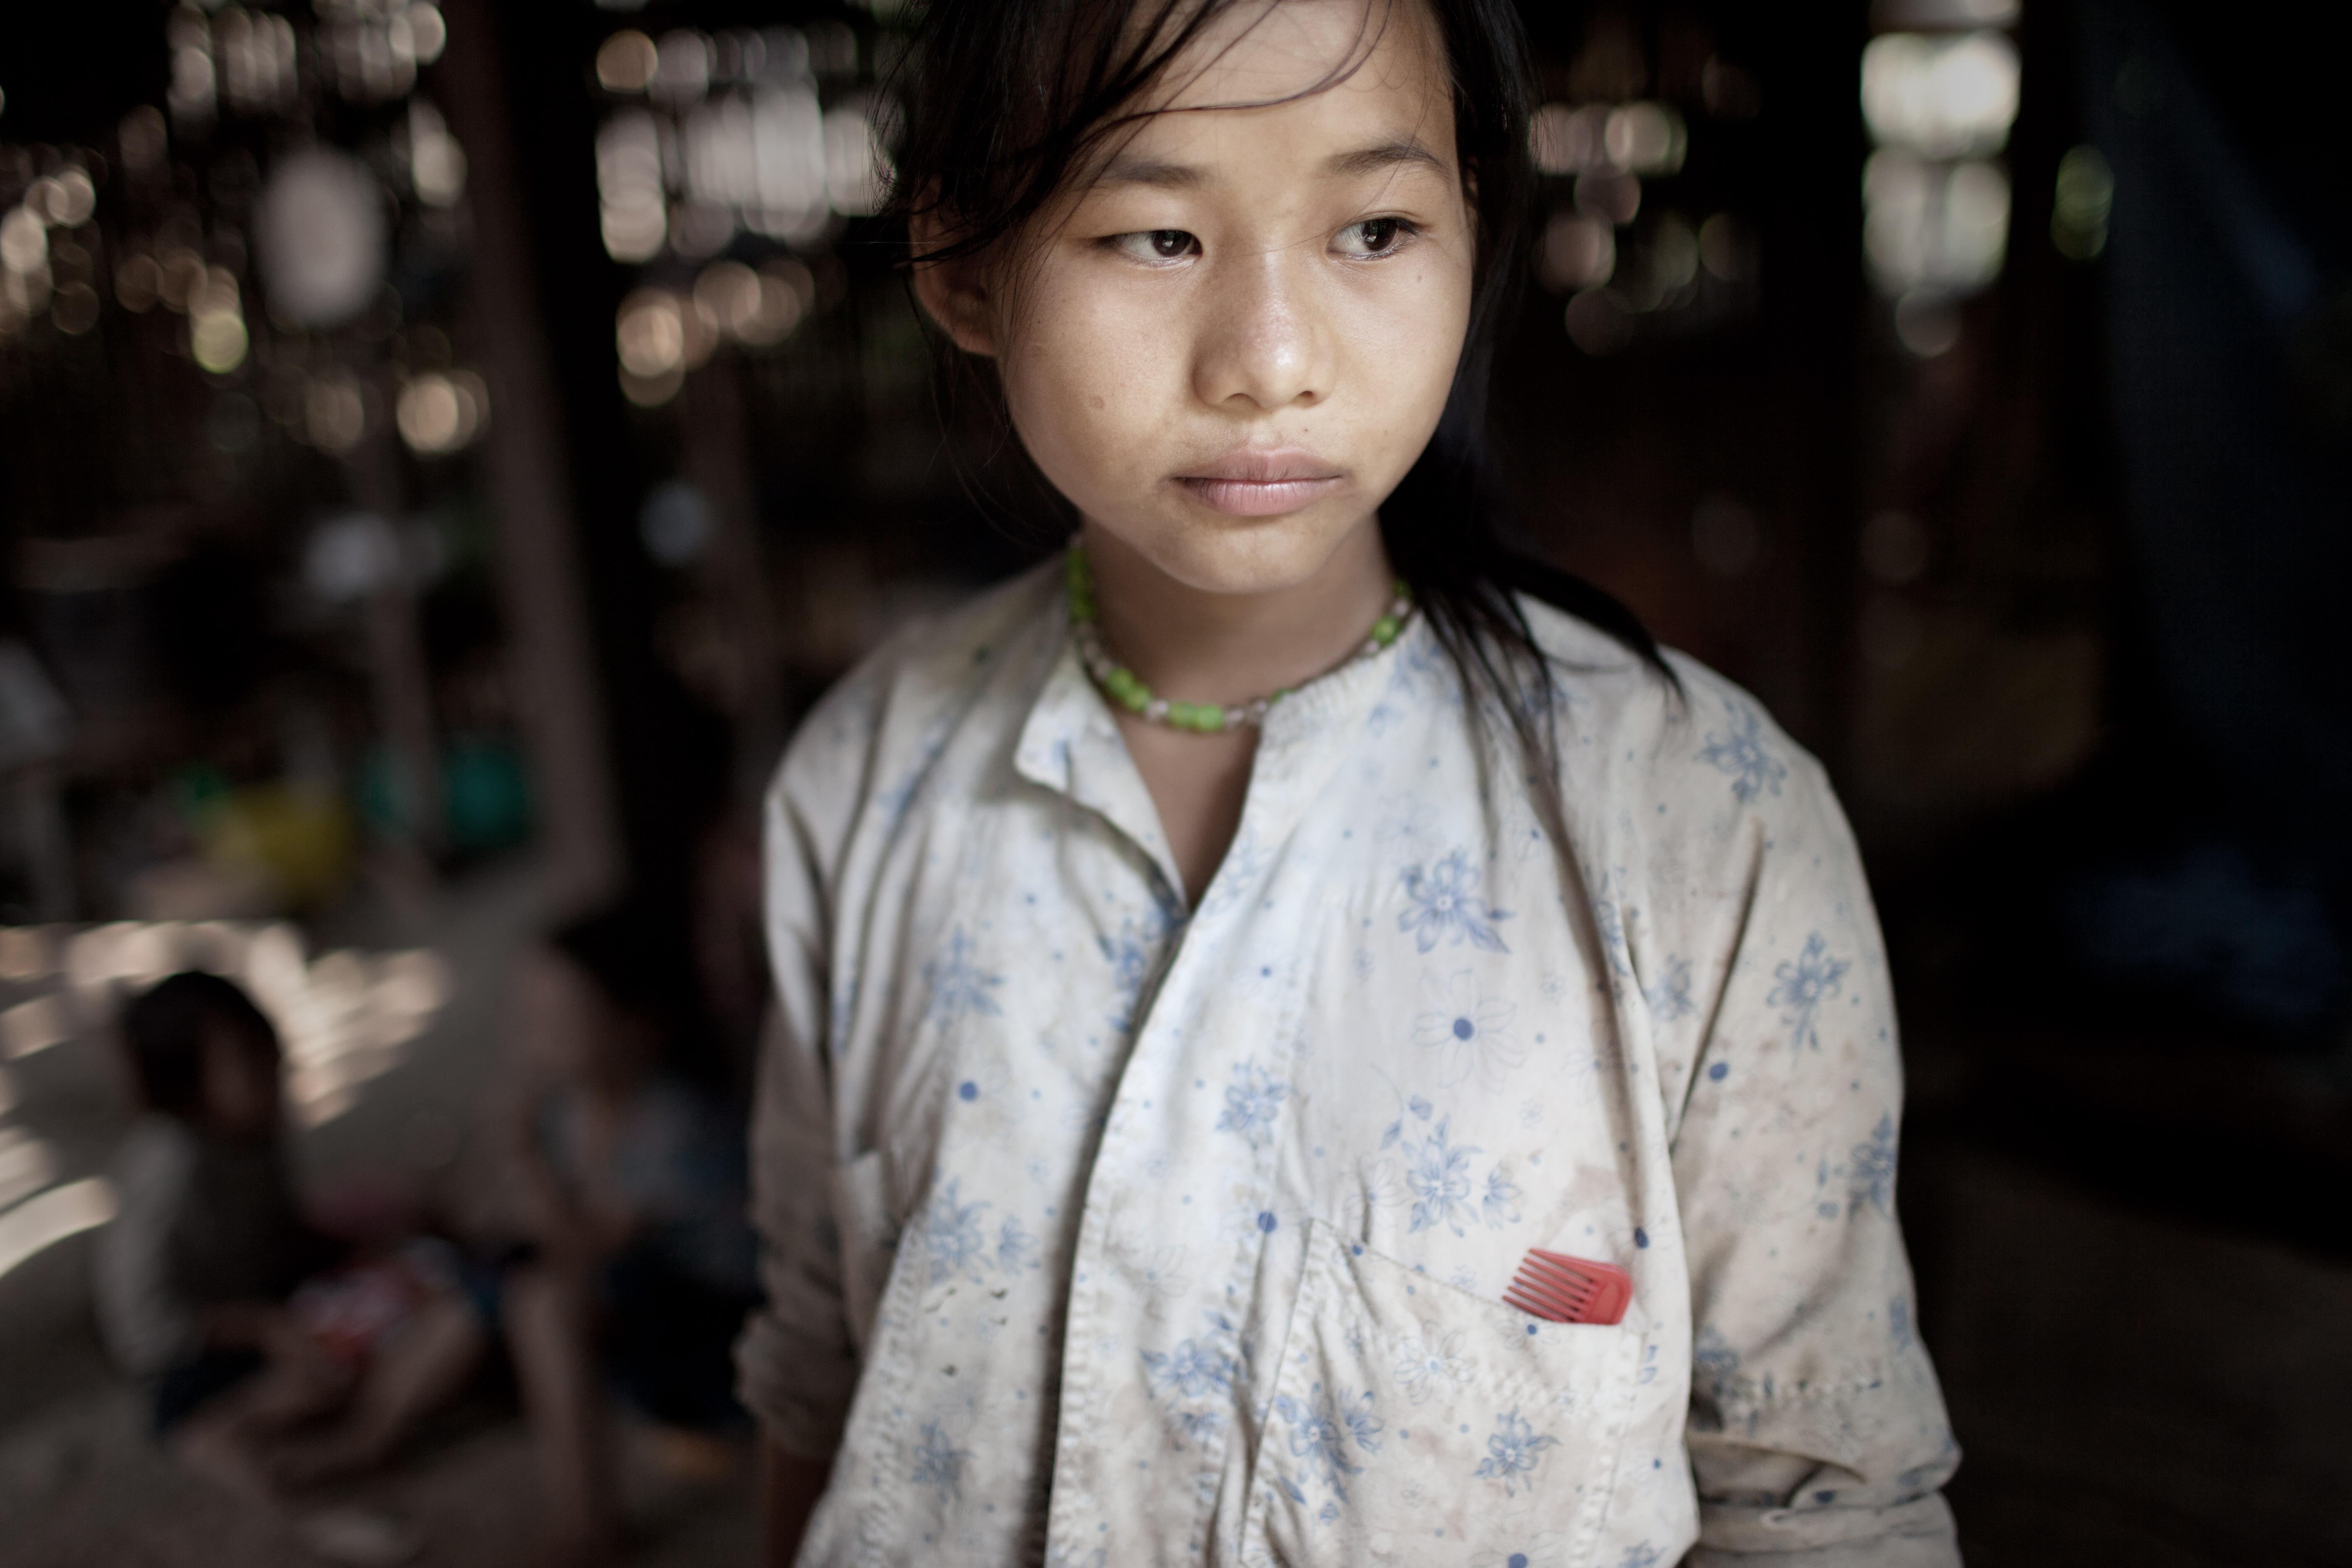 Als Thao* 14 Jahre alt war, wurde sie entführt, nach China verschleppt und an einen Bauern verkauft, der sie zu Farmarbeit zwang.